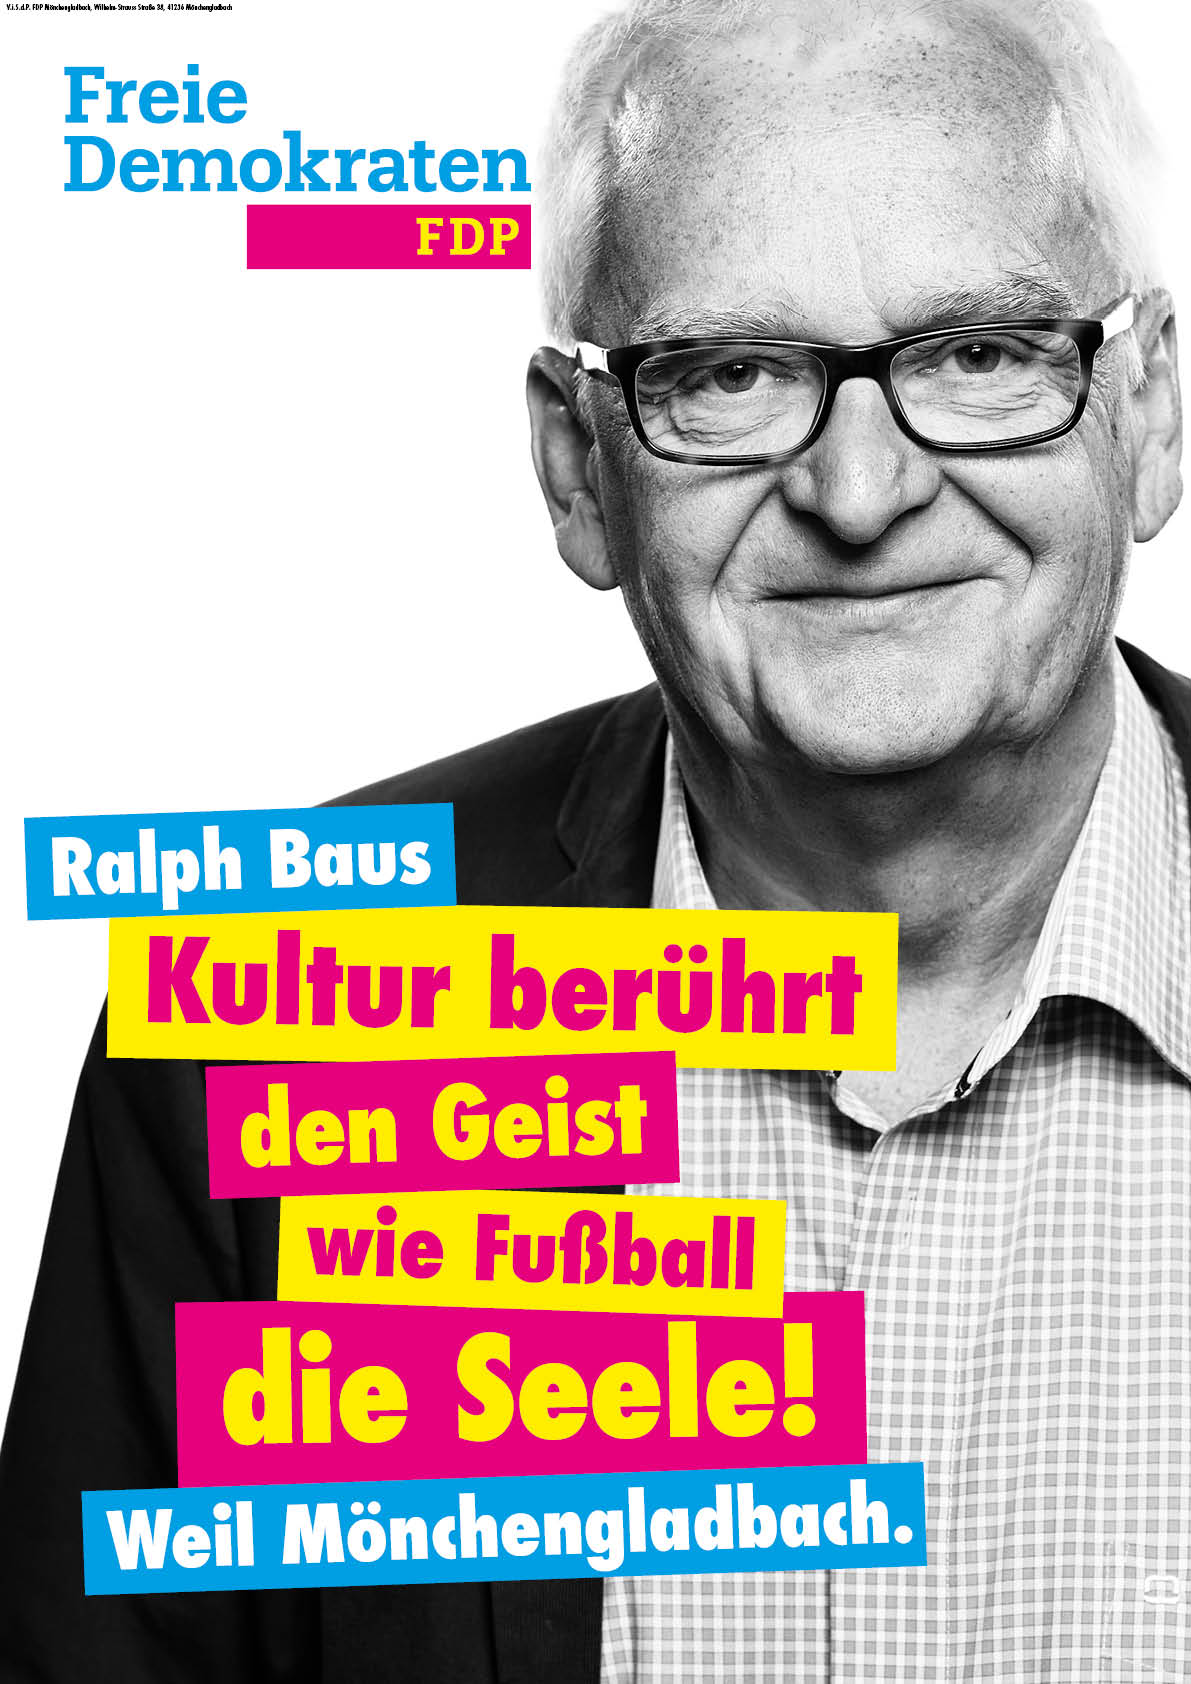 14 Pesch / Rohrplatz